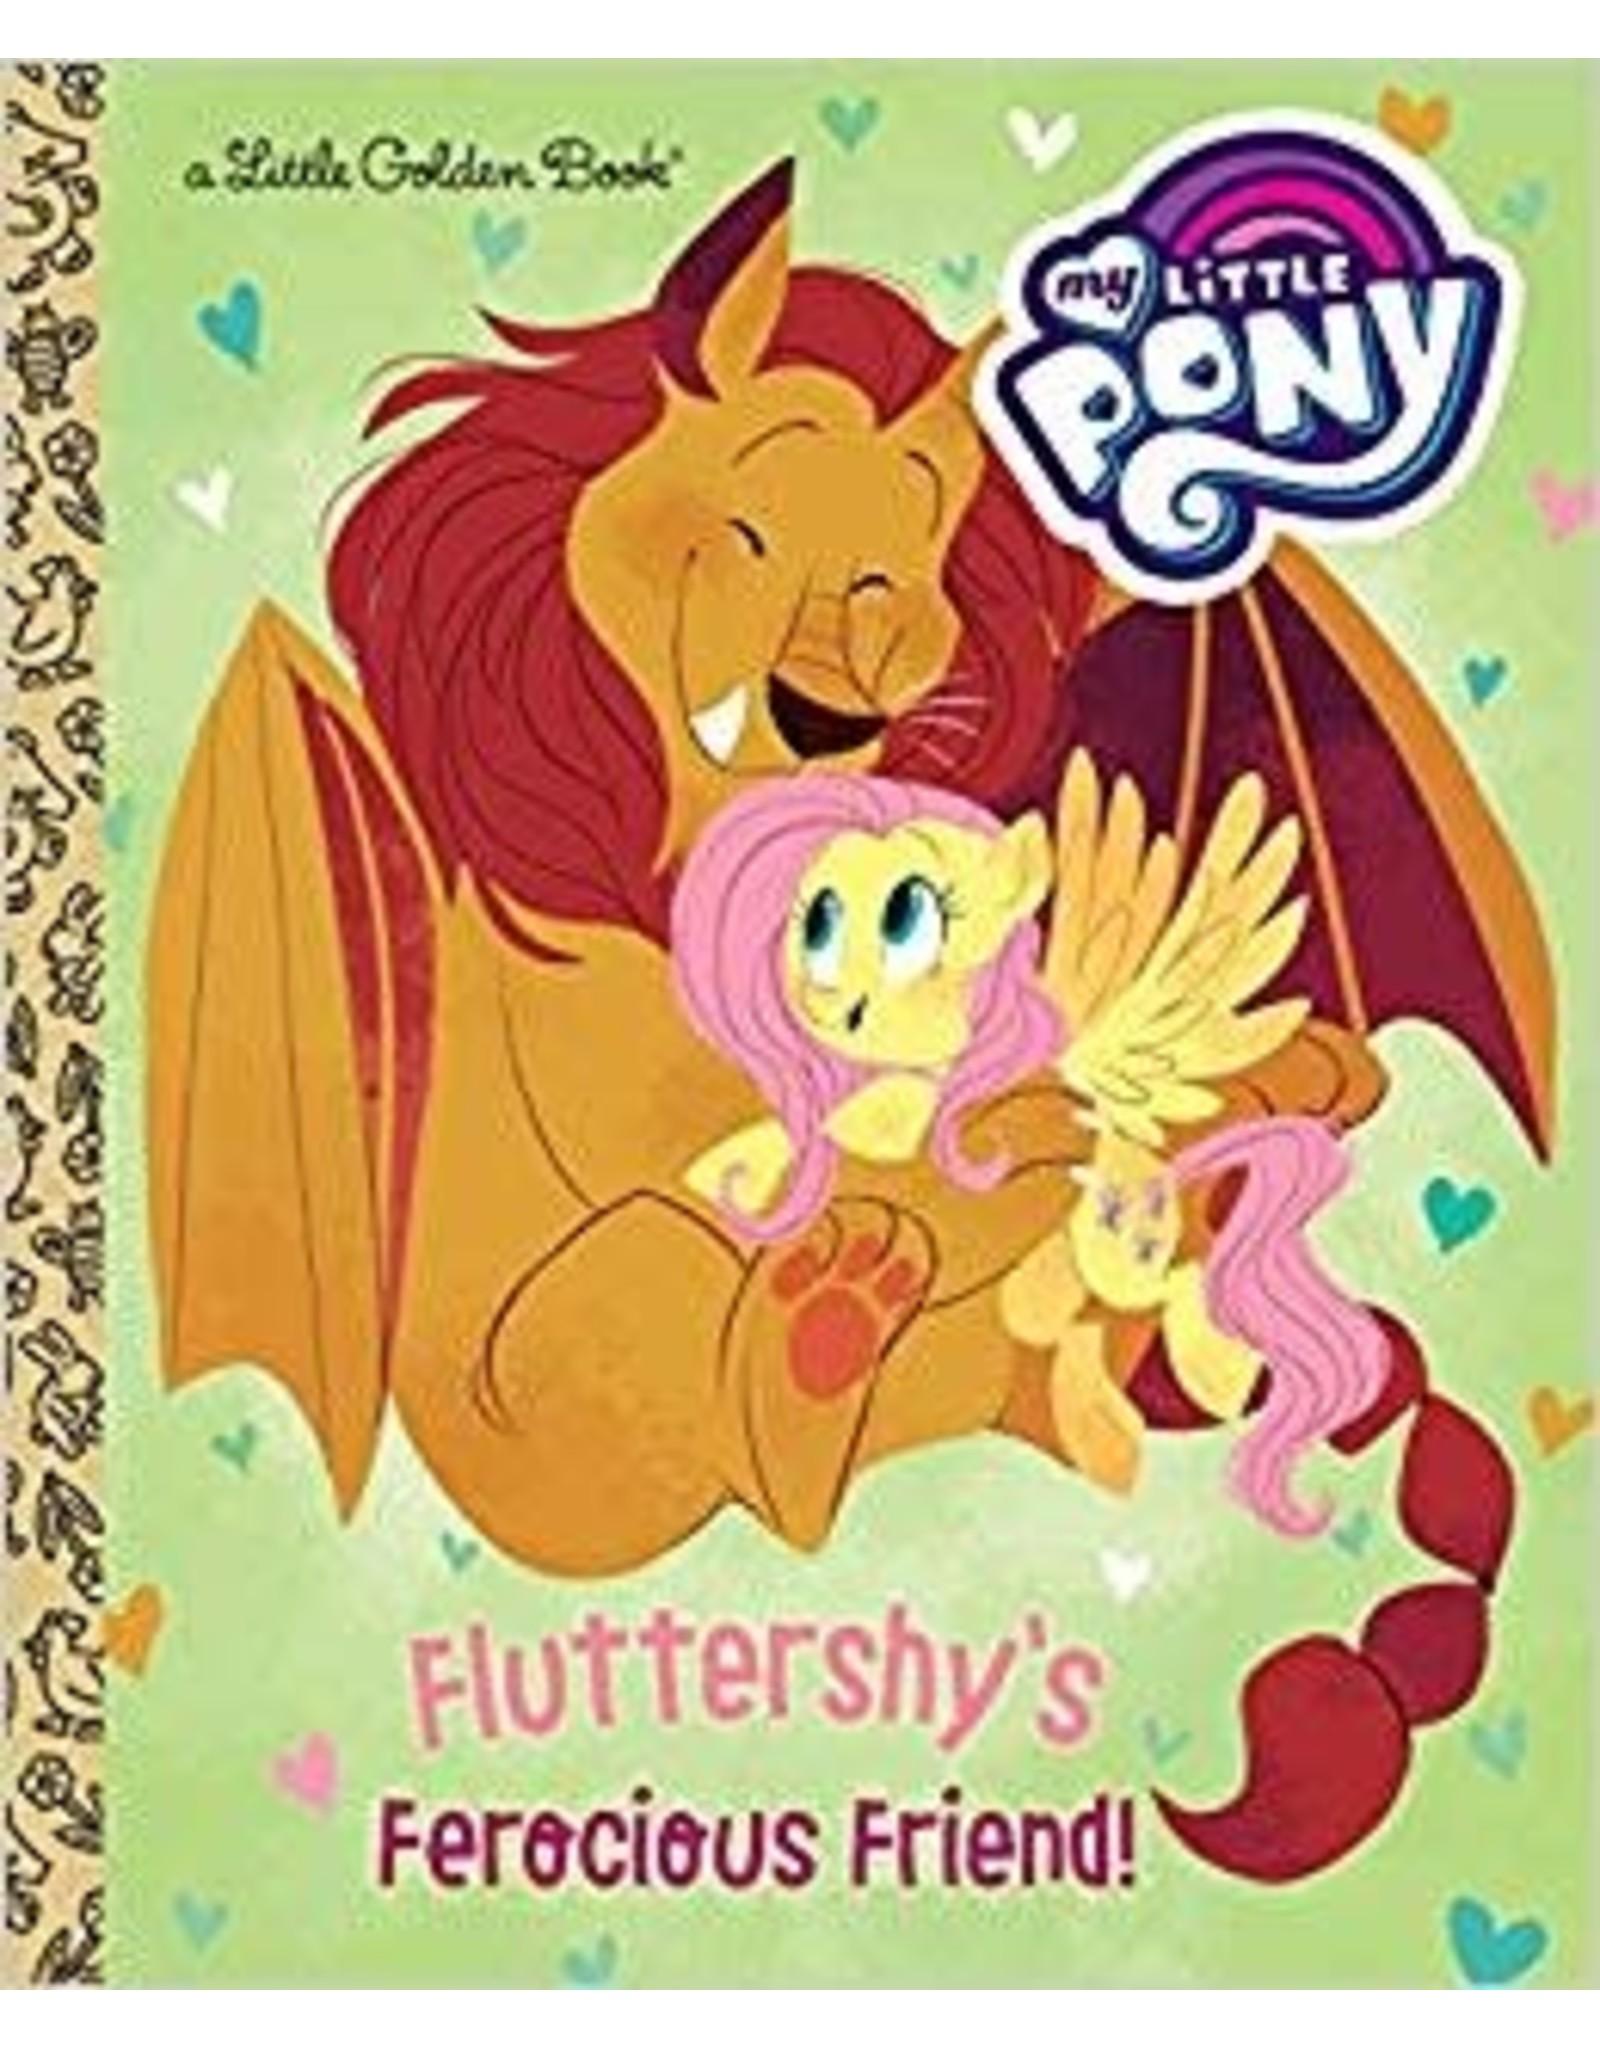 GOLDEN BOOKS FLUTTERSHYS FEROCIOUS FRIEND MLP LITTLE GOLDEN BOOK